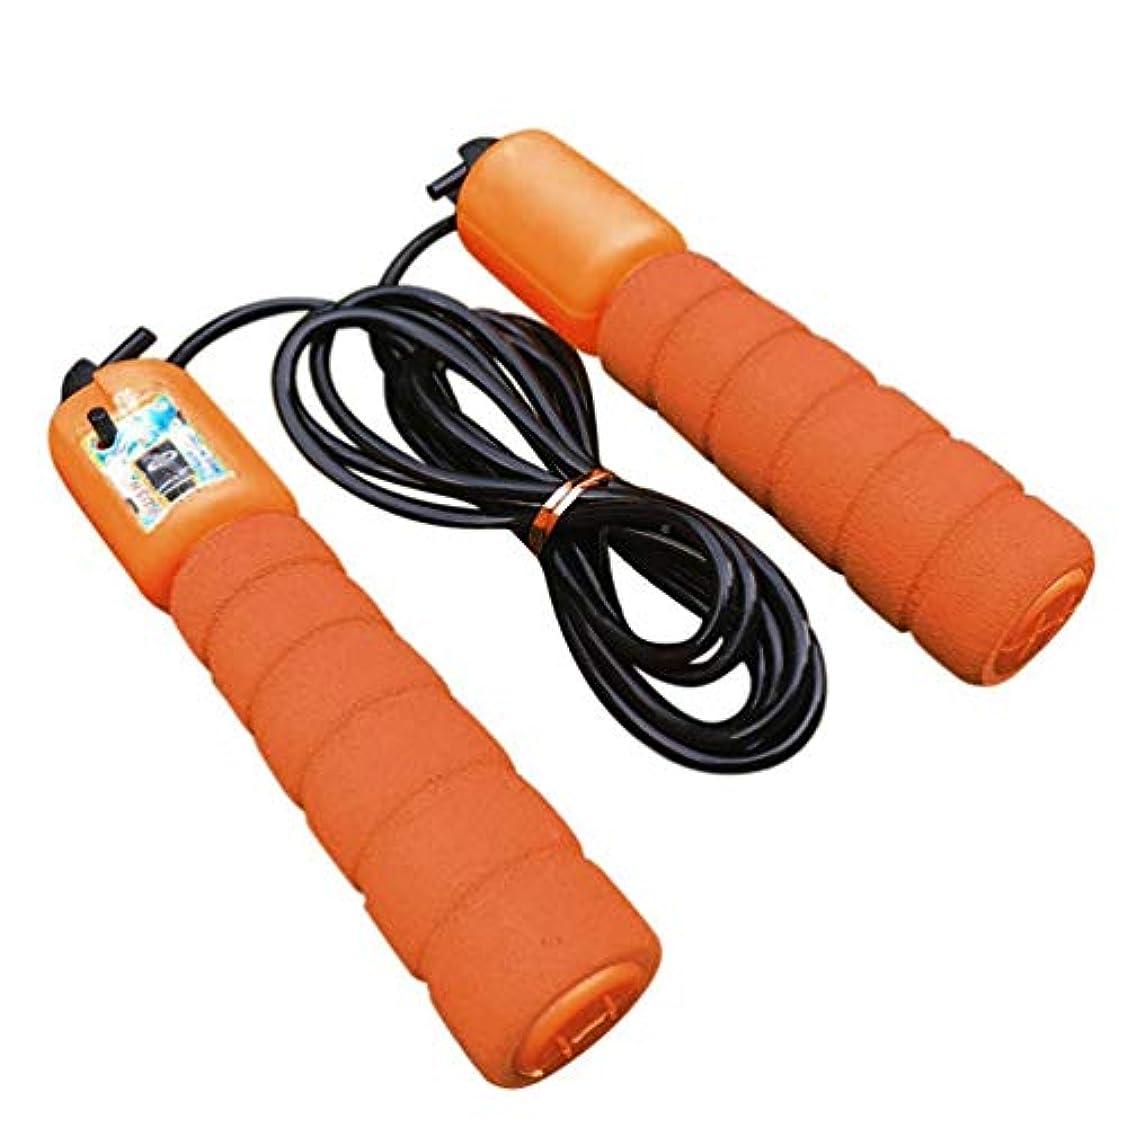 時系列端末タール調整可能なプロのカウント縄跳び自動カウントジャンプロープフィットネス運動高速カウントジャンプロープ - オレンジ